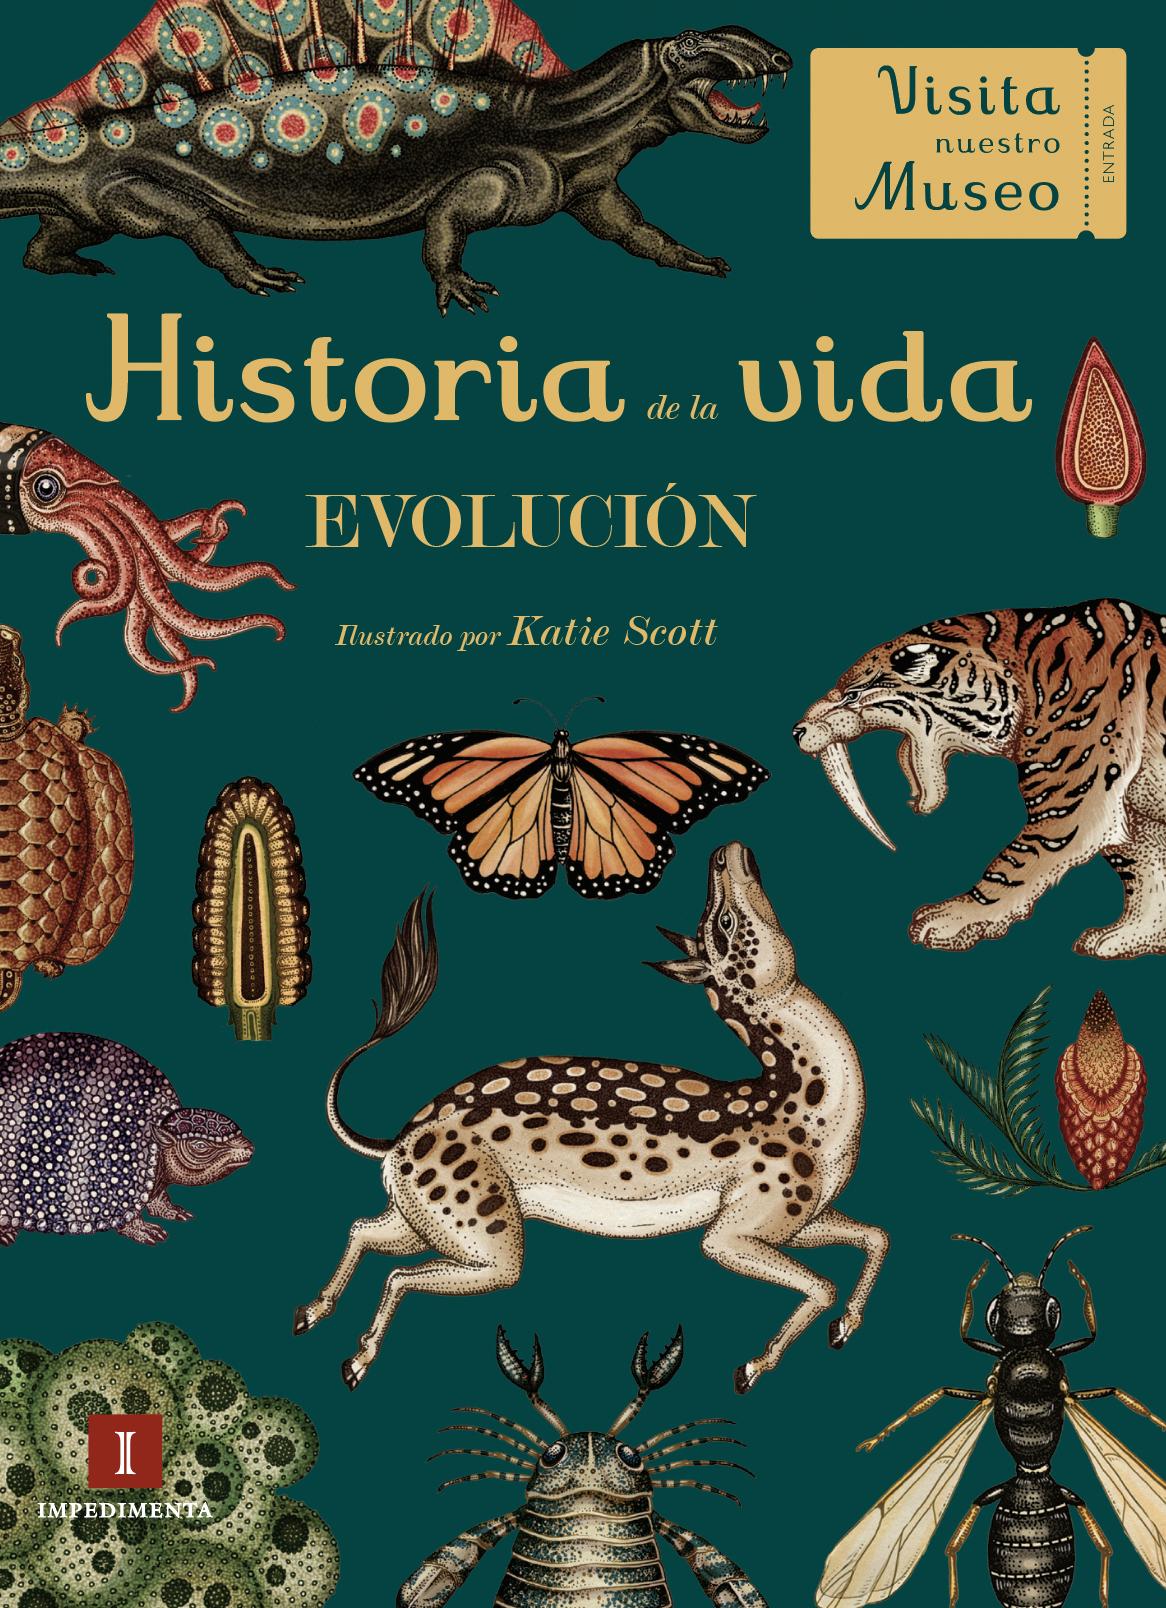 Historia de la vida. Evolución.